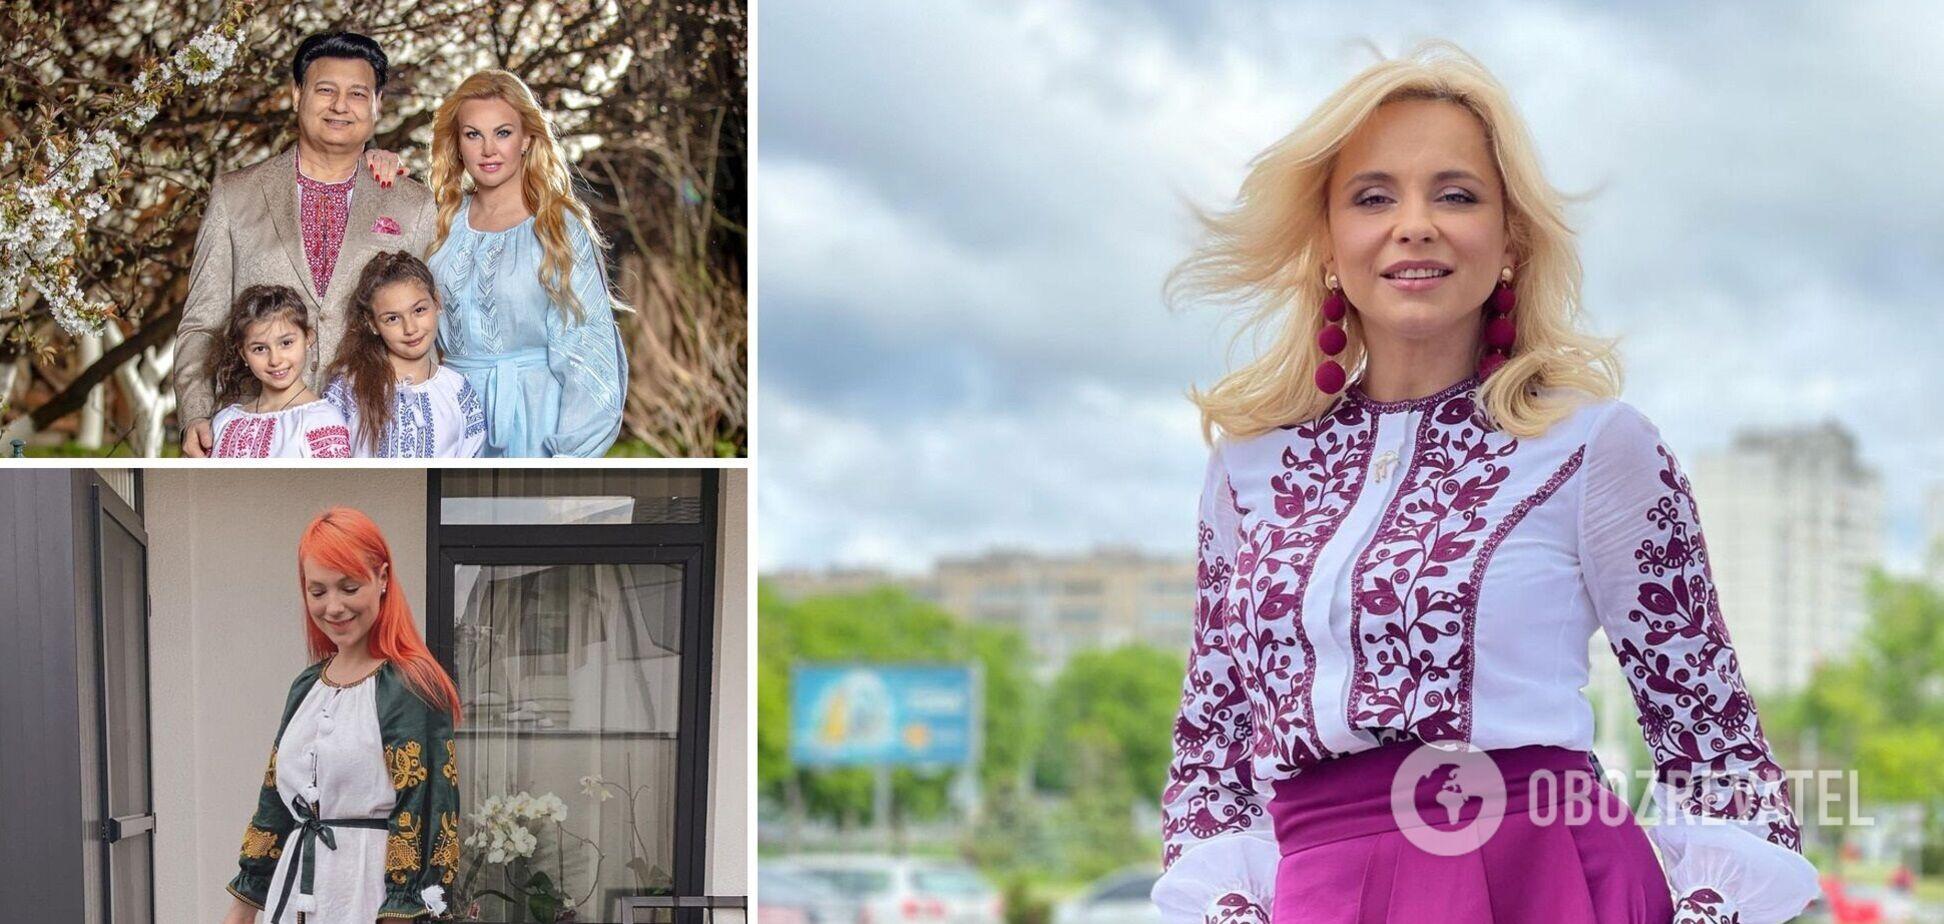 Як українські зірки відзначають День вишиванки: з'явилися яскраві фото